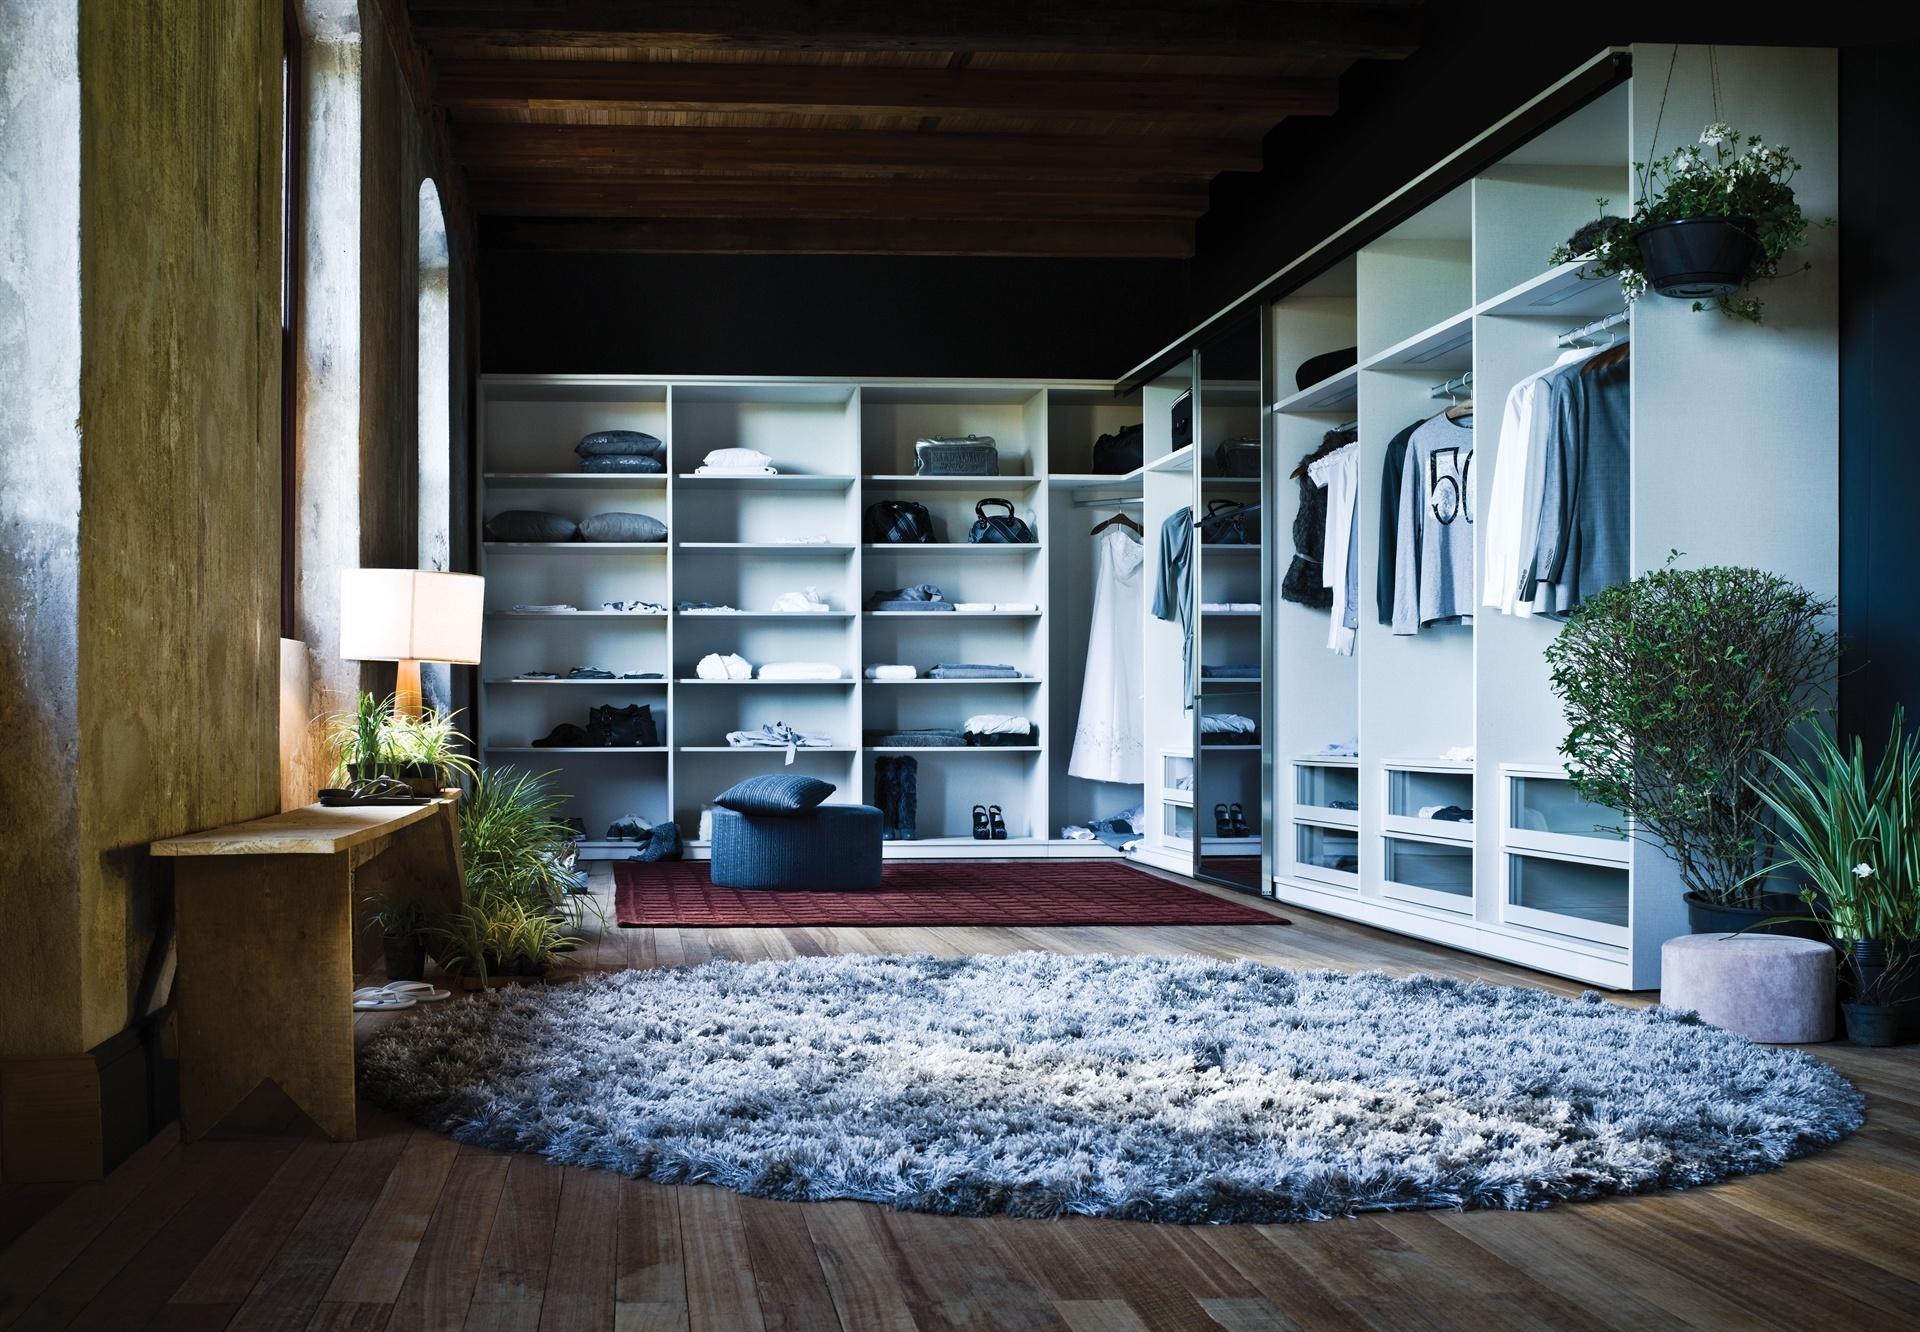 Hintergrundbilder : die Architektur, Zimmer, Innere, Holz, Haus ...